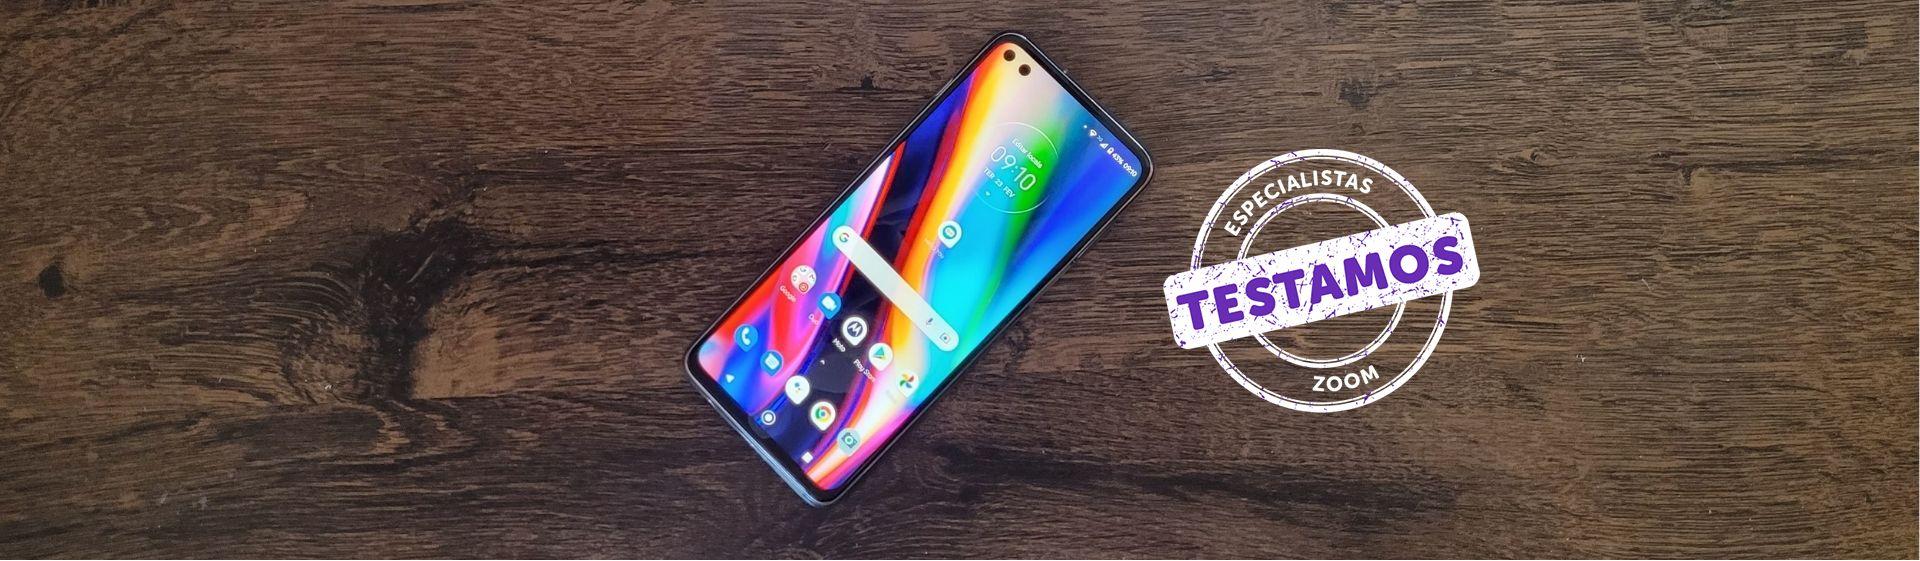 Moto G 5G Plus: celular tem ótimo desempenho, mas 5G ainda é inútil